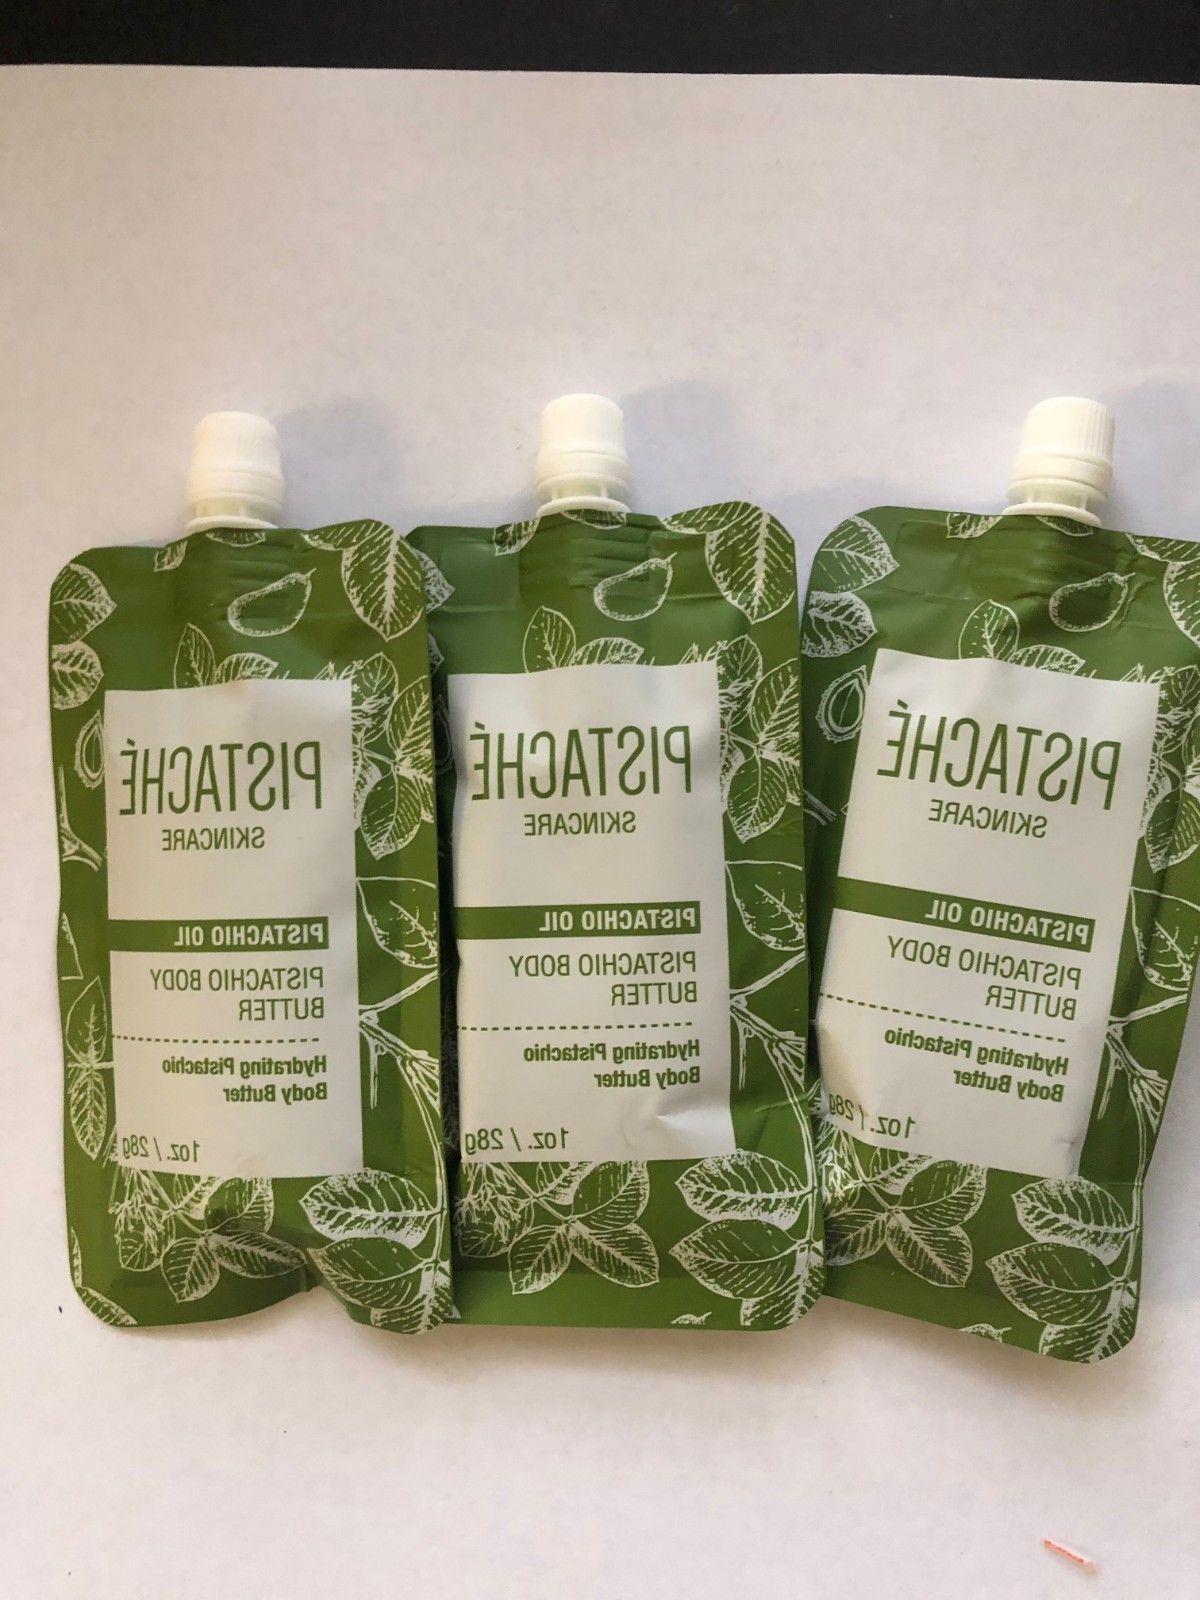 3x pistache skincare pistachio oil hydrating body